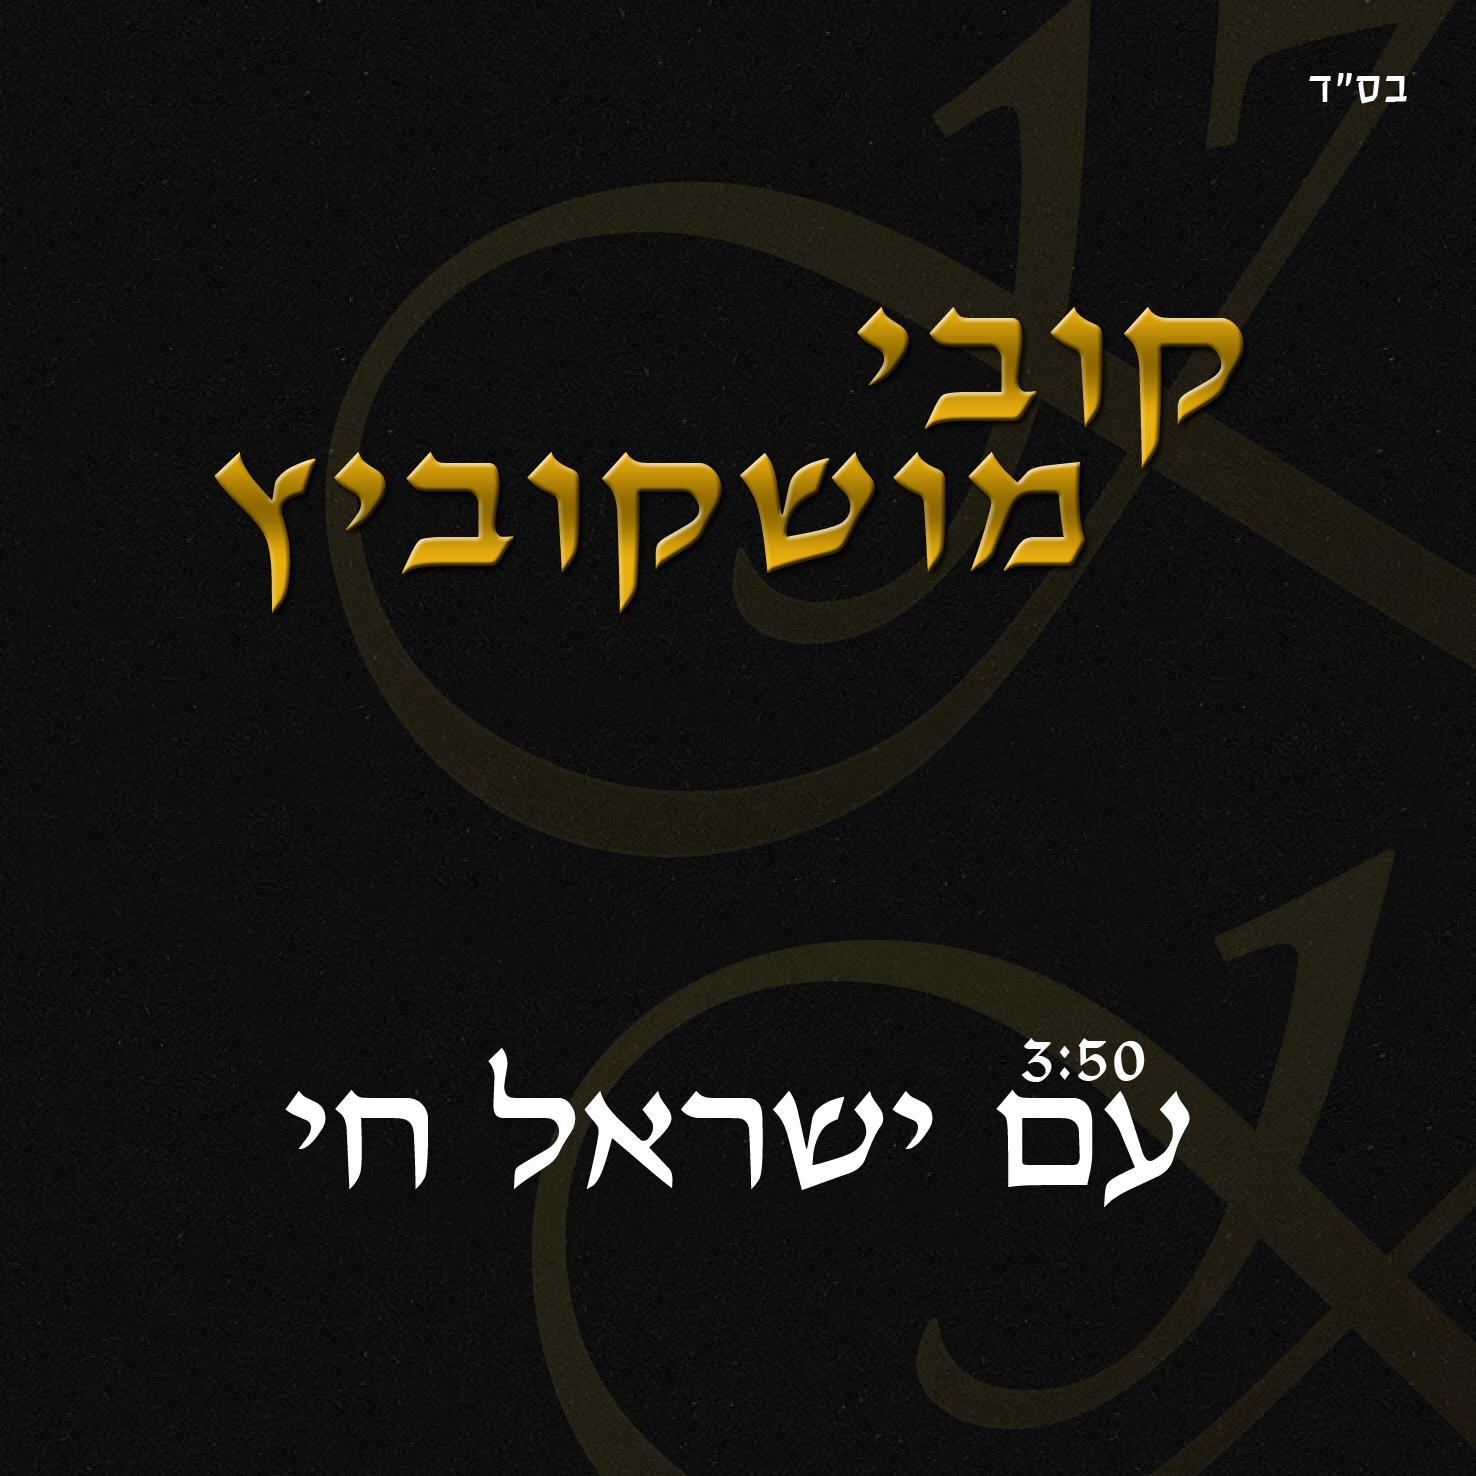 קובי מושקוביץ - עם ישראל חי - סינגל חדש